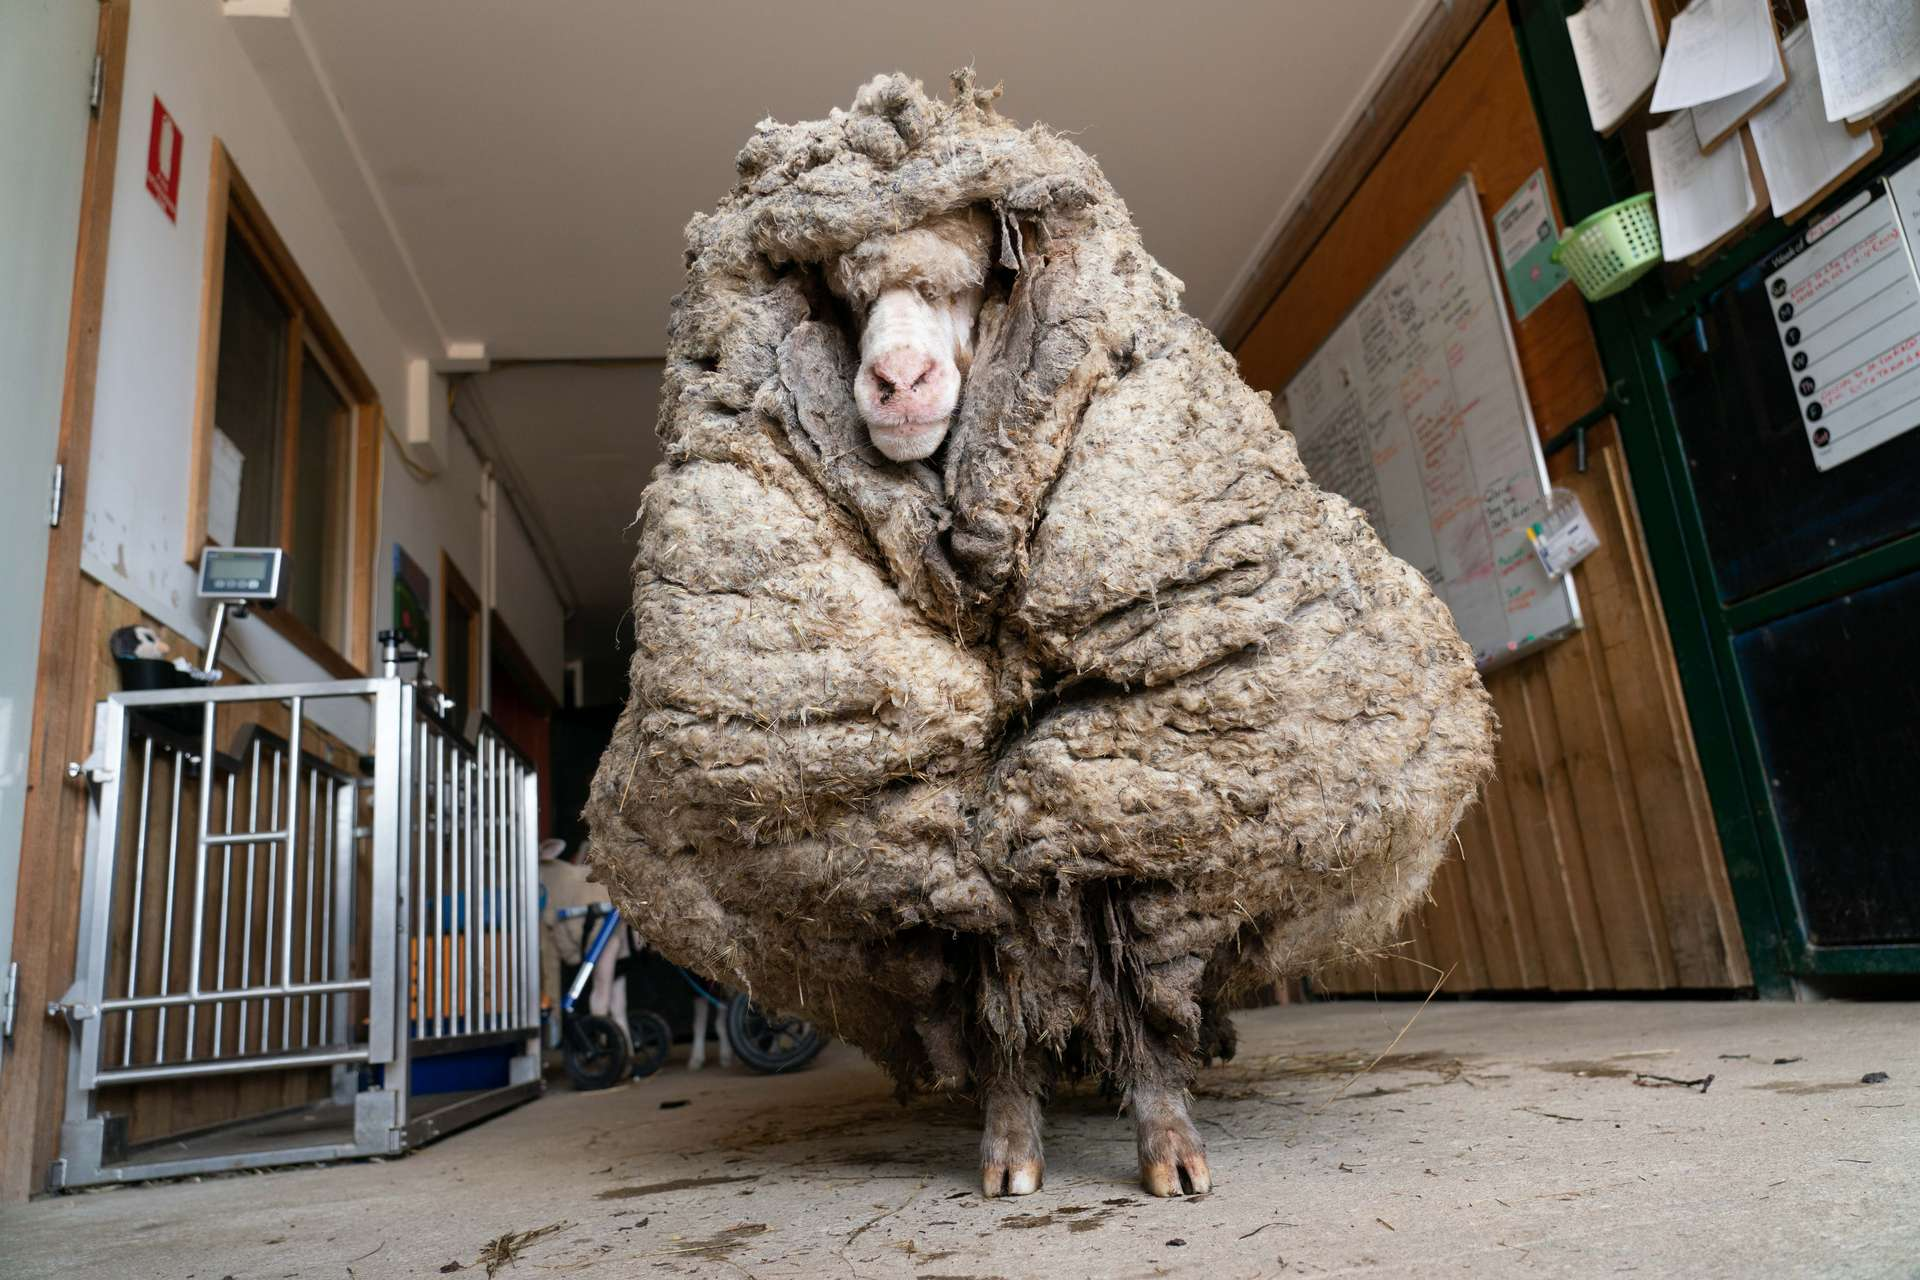 La toison de Baarack pesait 35 kg, soit le 2e record après celui d'un mouton découvert en 2015 avec 41 kg de laine. © Edgar's Mission